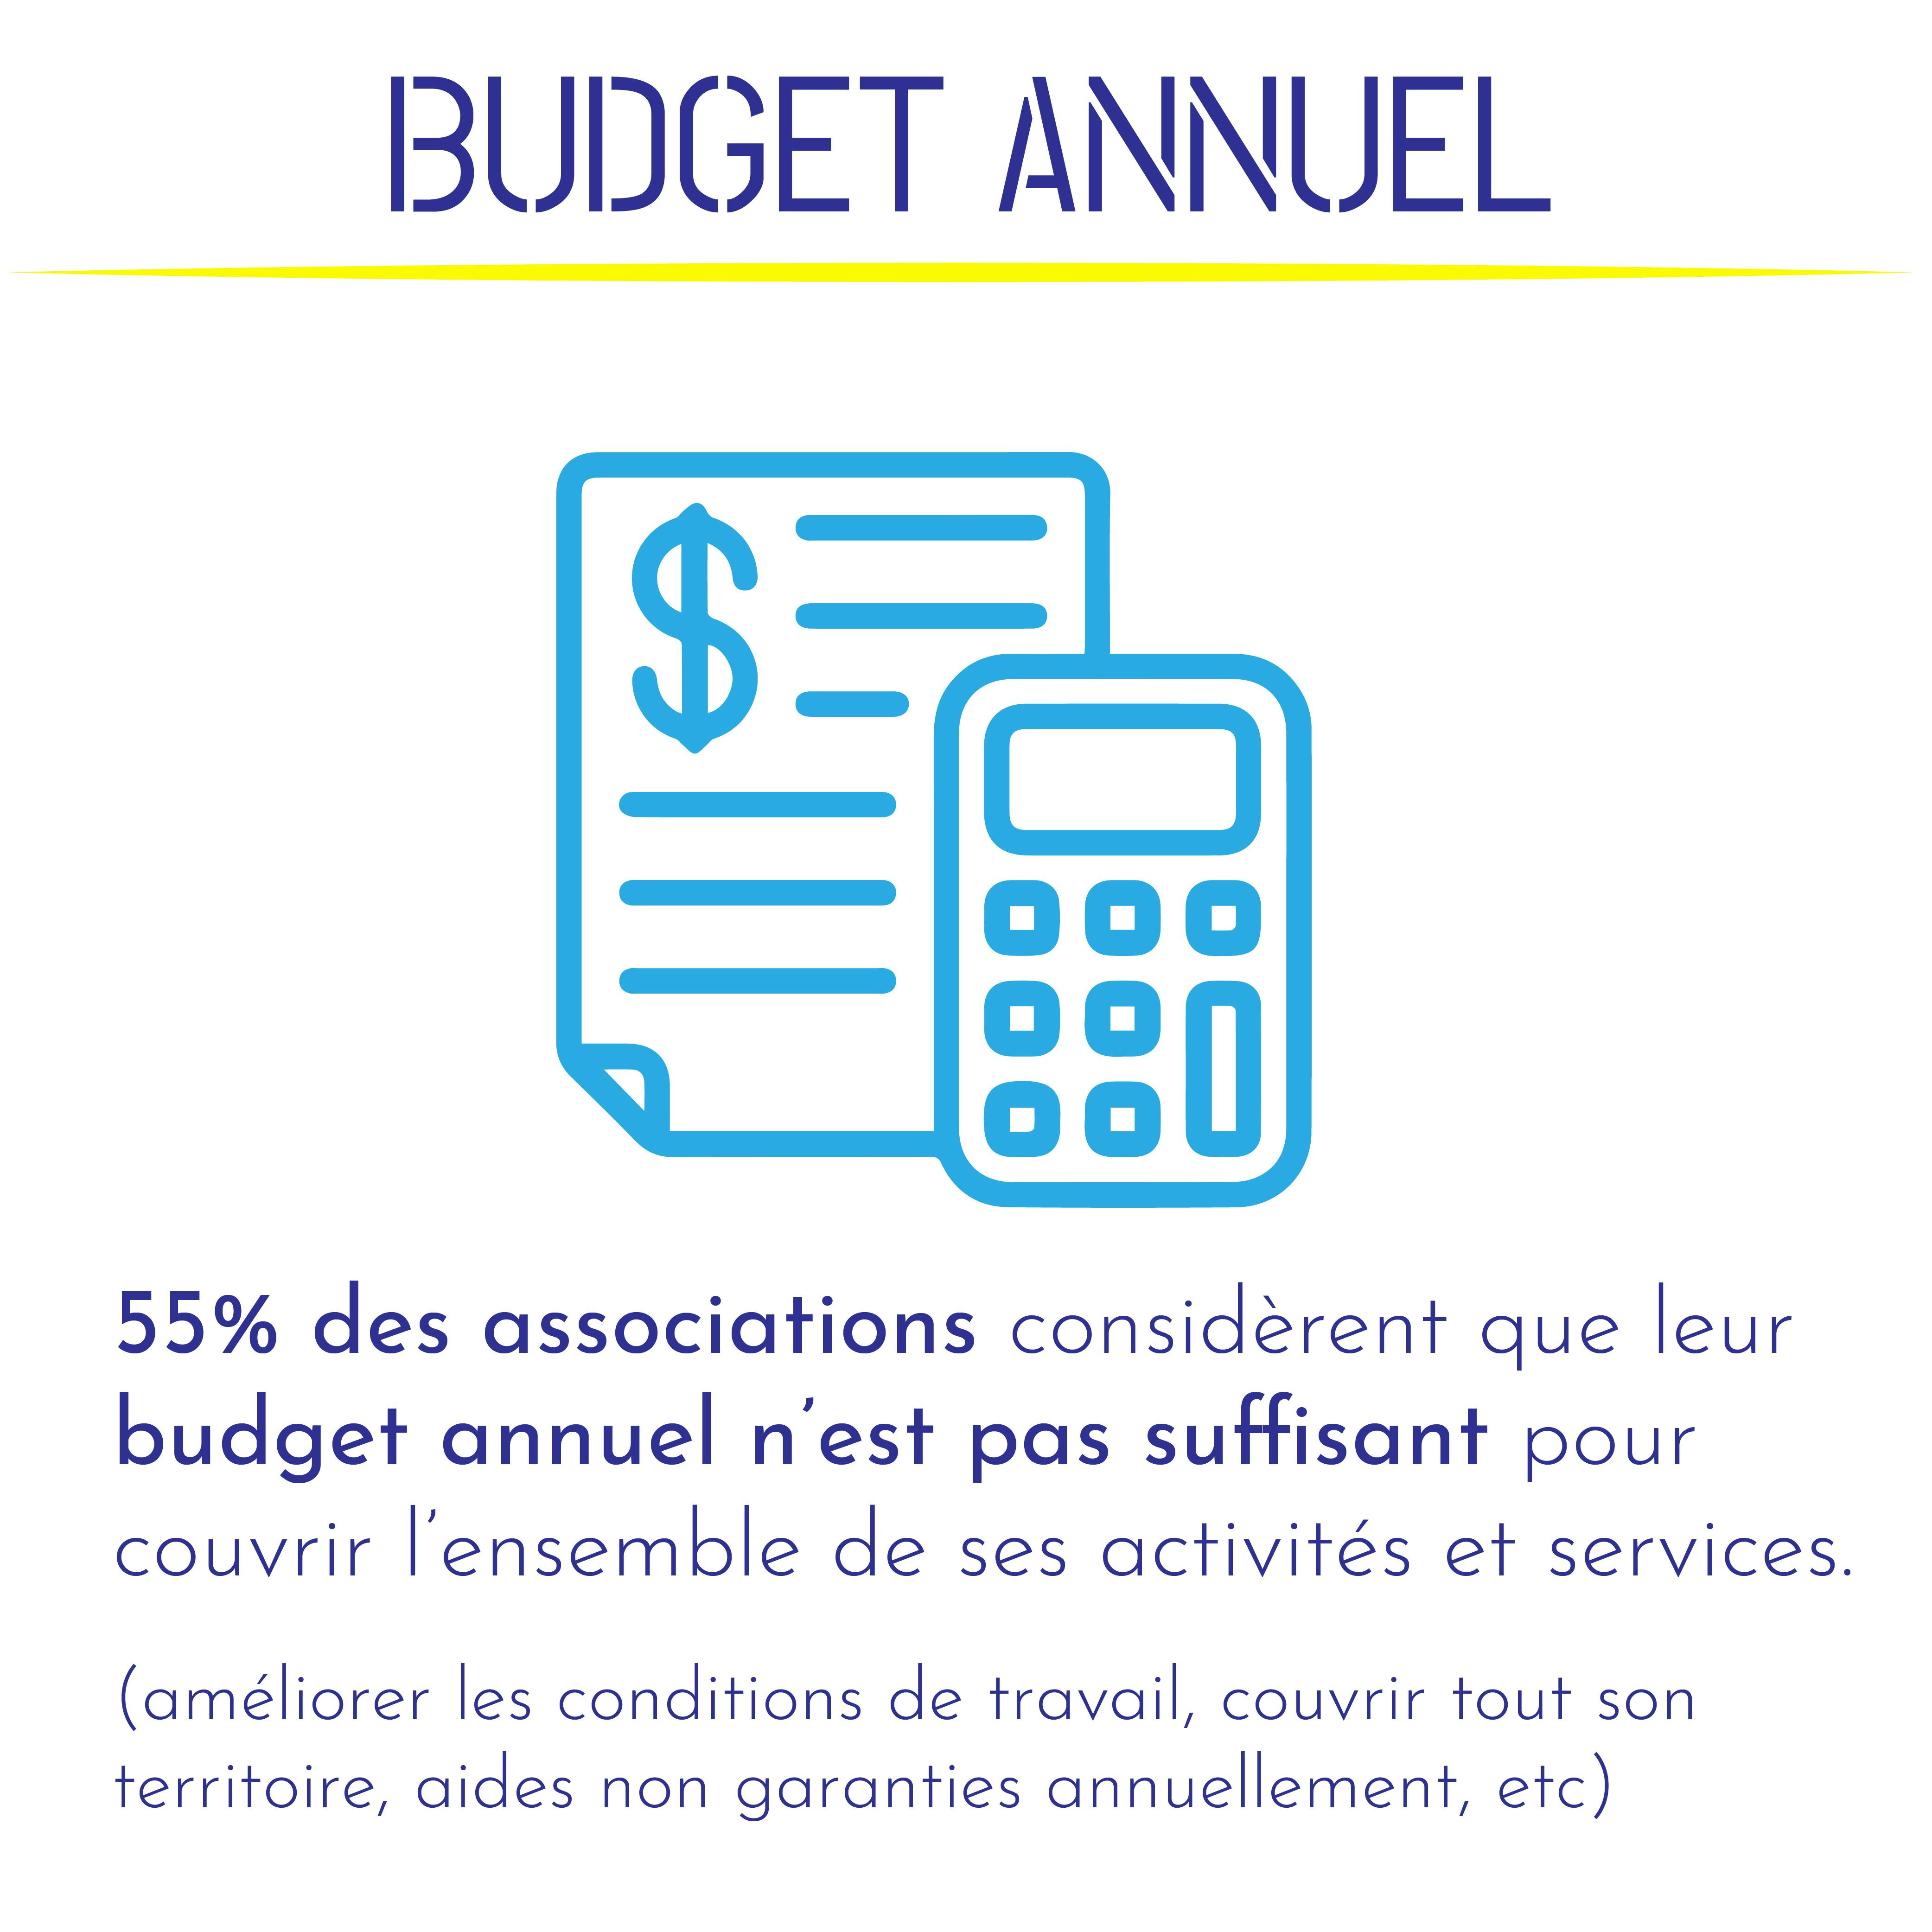 55% des associations considèrent que leur budget annuel n'est pas suffisant pour couvrir l'ensemble de ses activités et services. (améliorer les conditions de travail, couvrir tout son territoire, aides non garanties annuellement, etc).